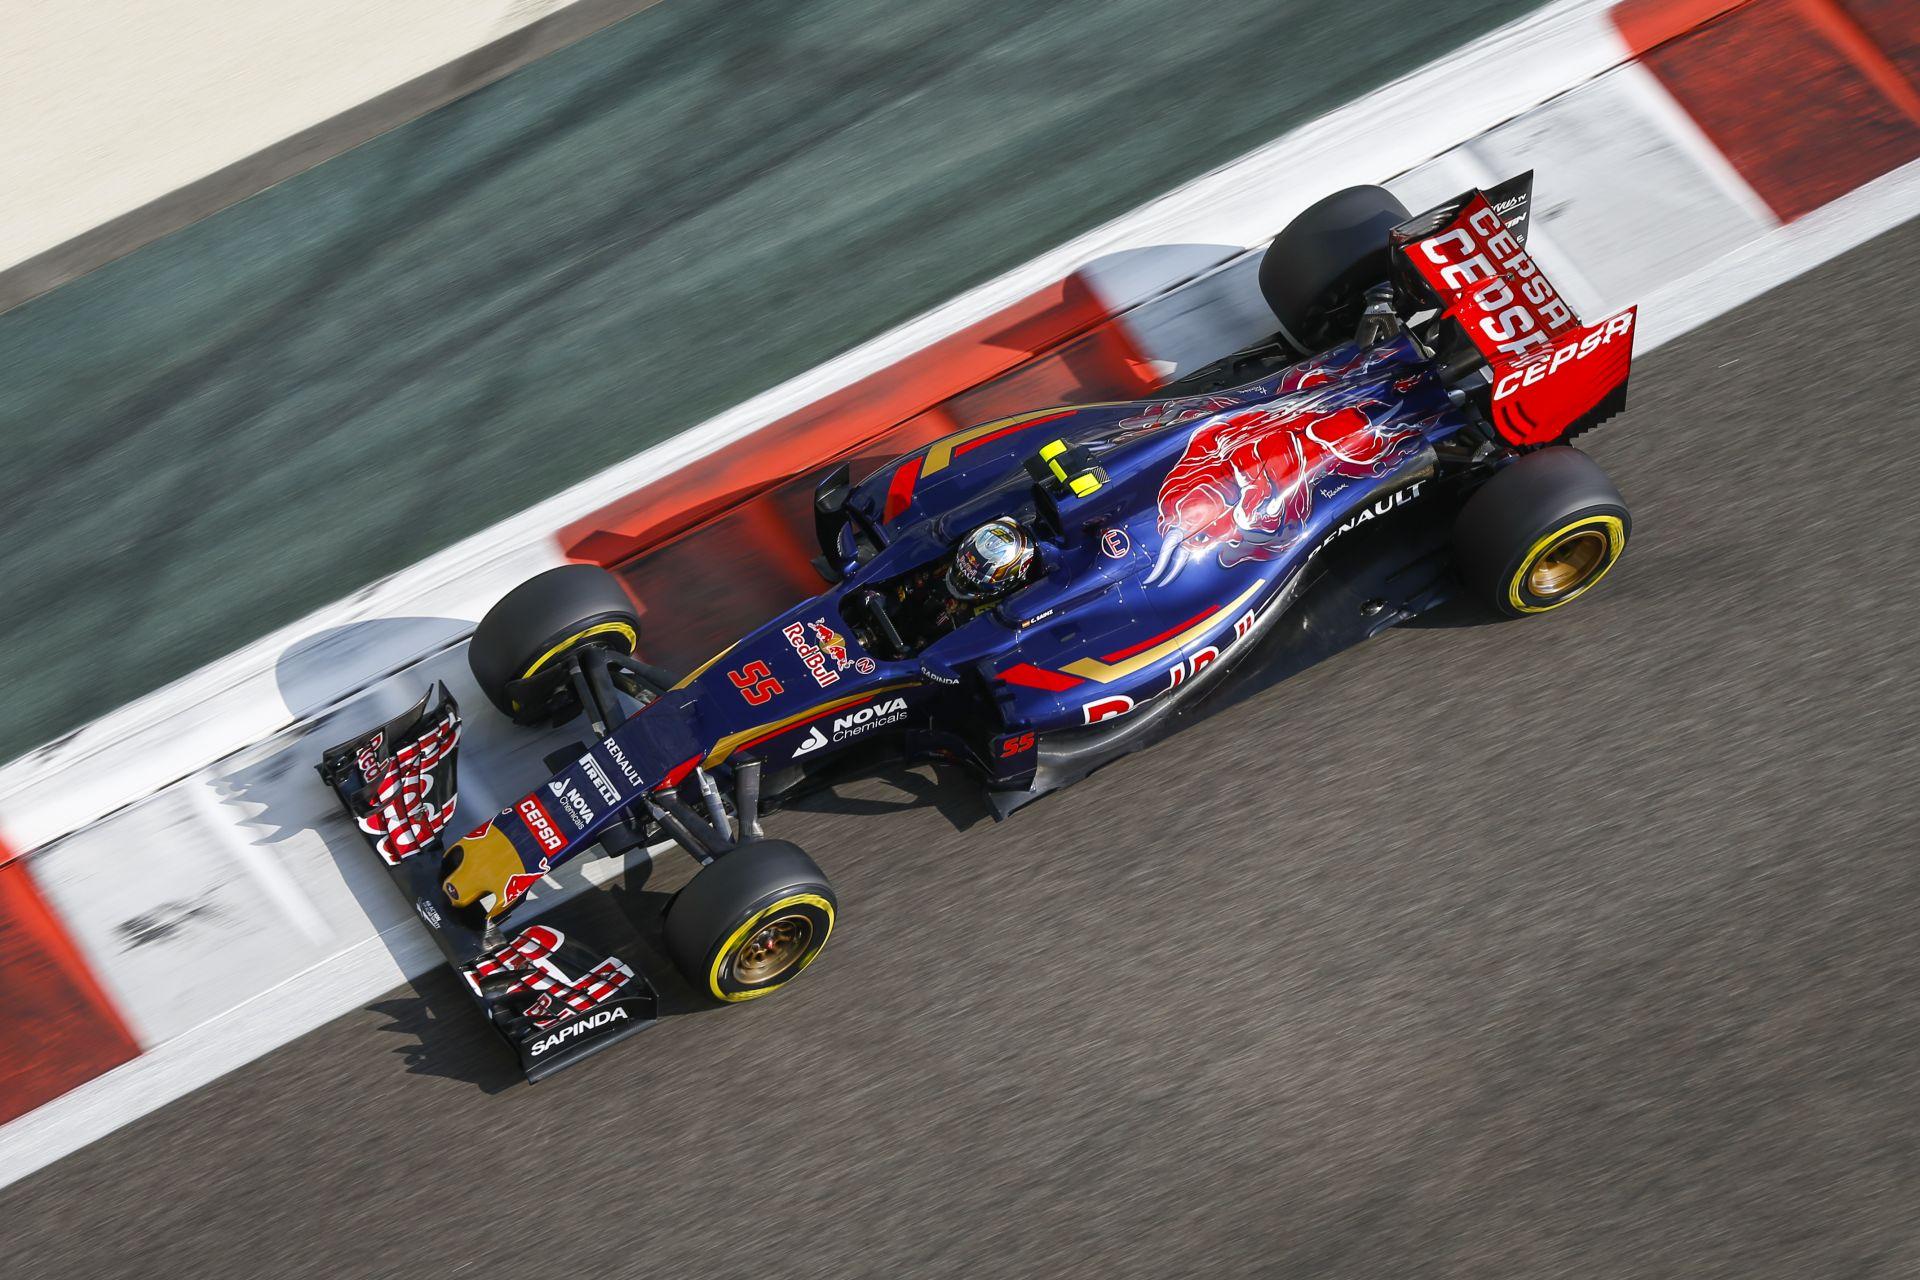 Bemutatkozott a Toro Rosso idei F1-es festése és az új autó